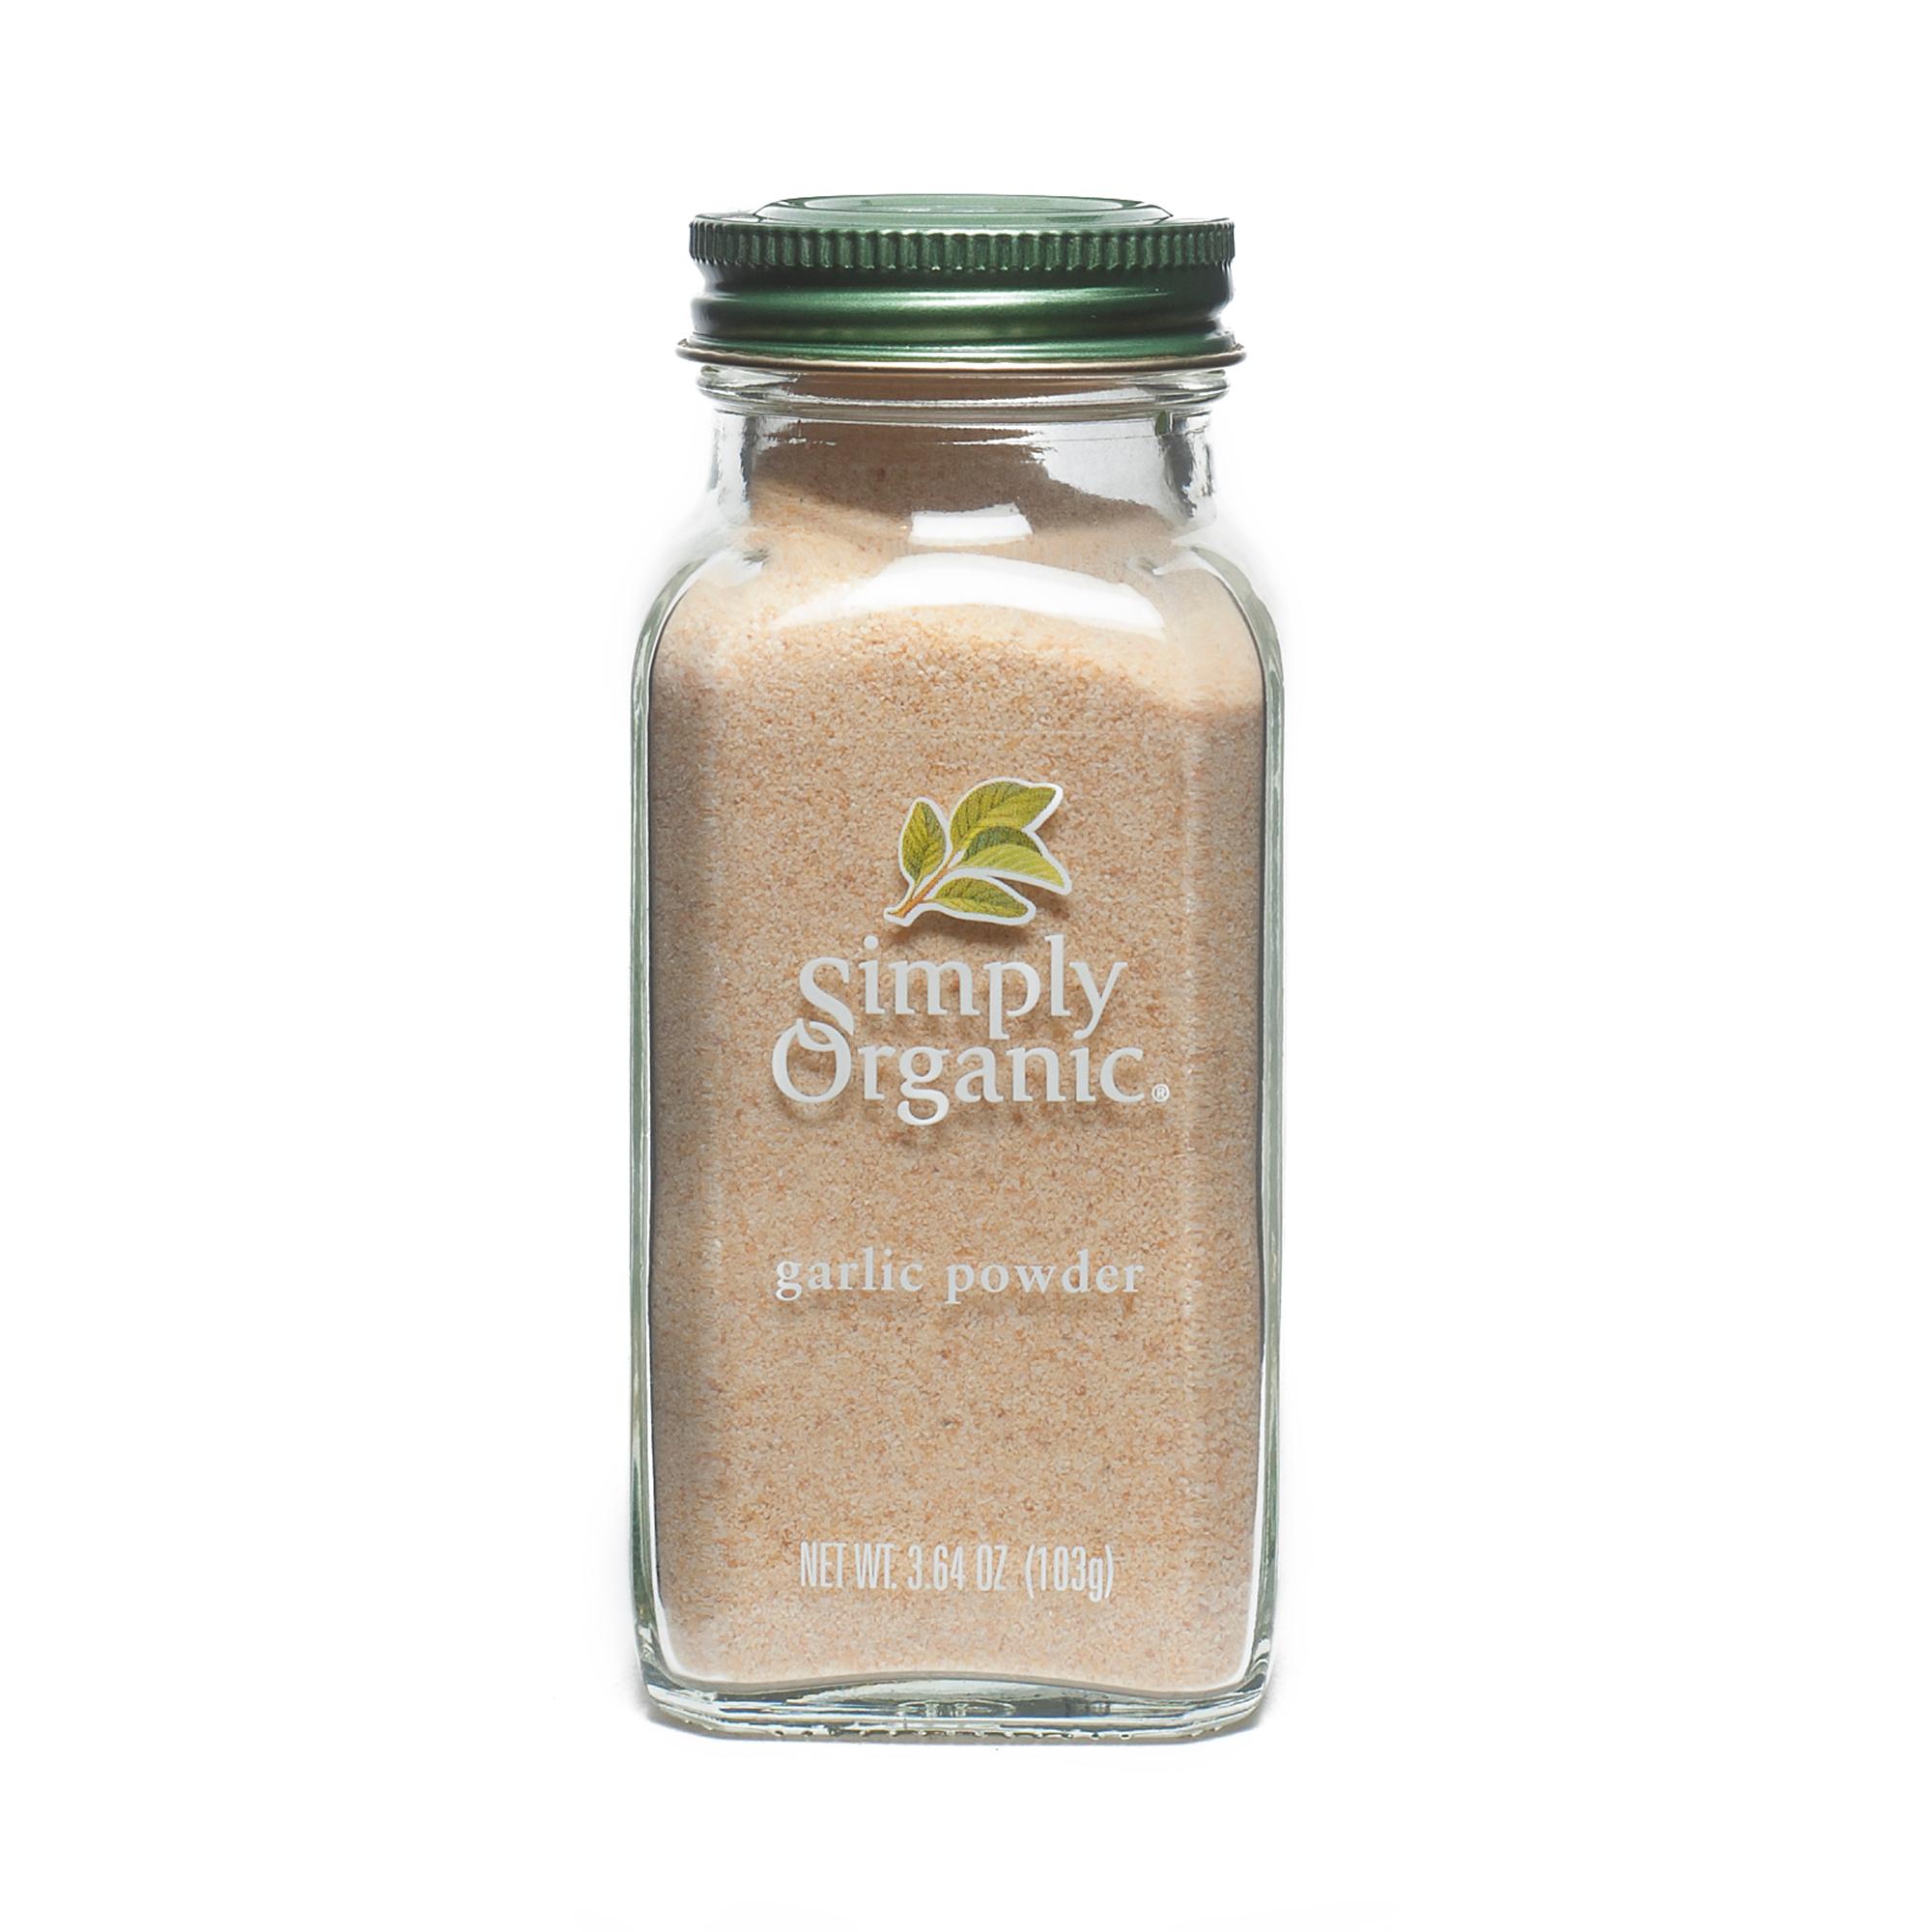 Organic-Garlic-Powder